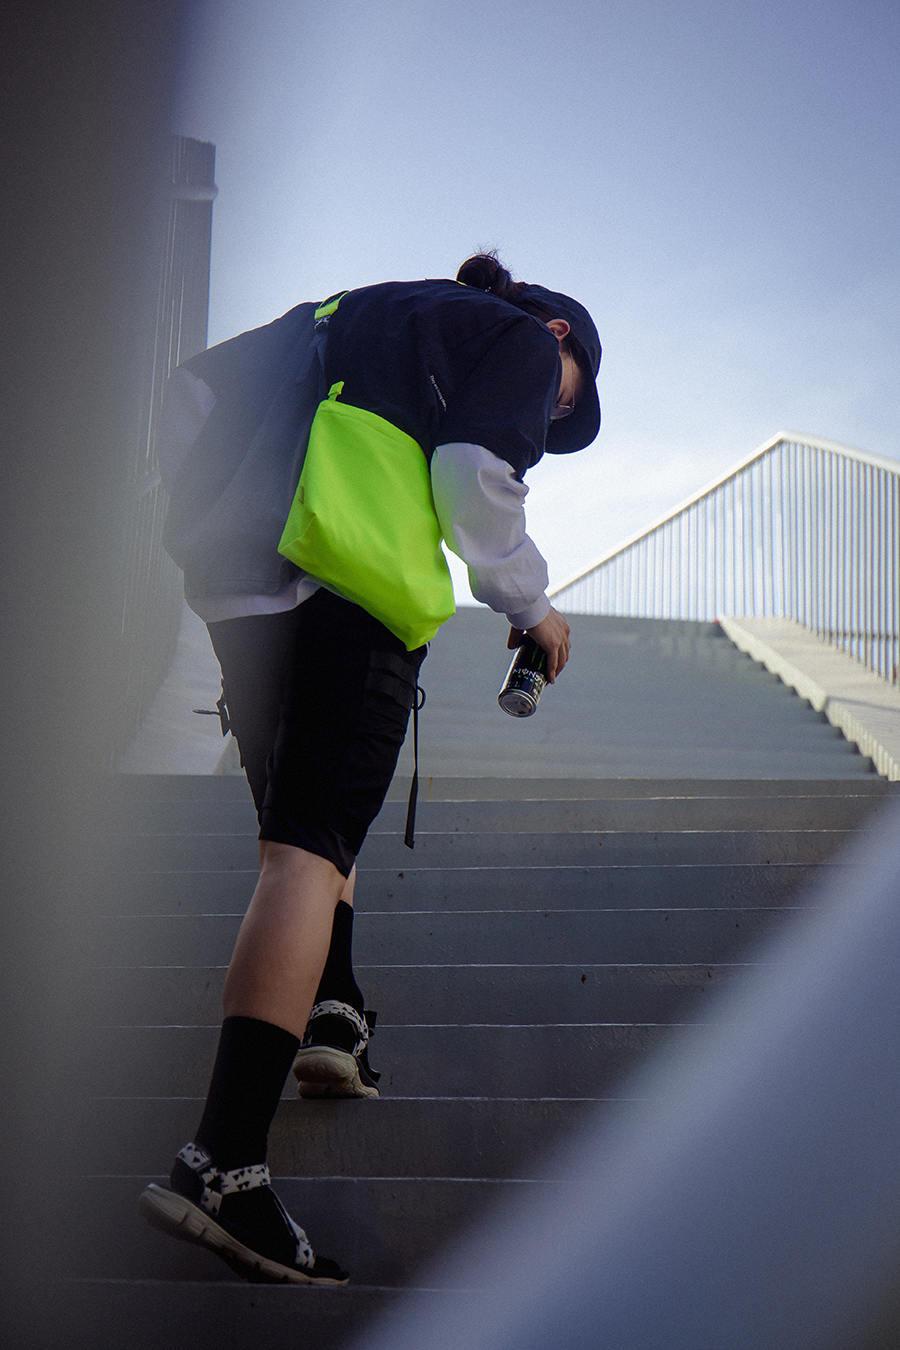 青春活力!行走的少年感